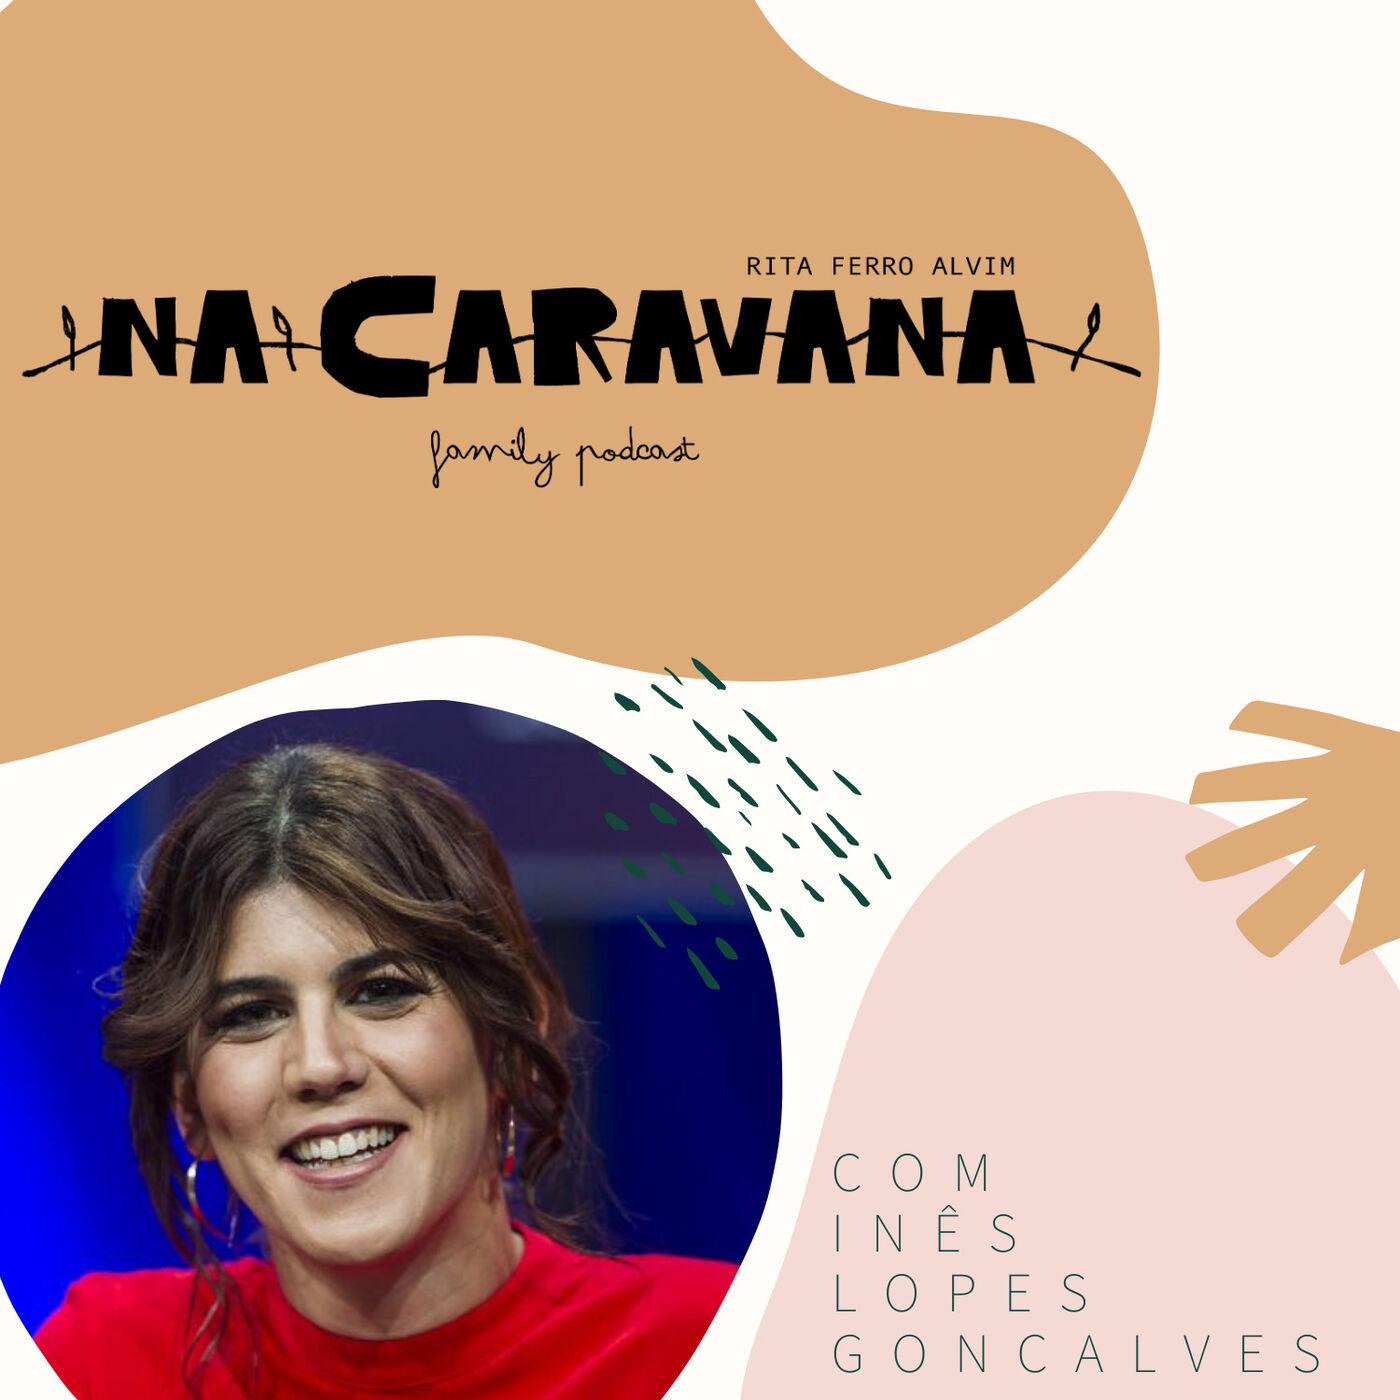 N'A Caravana com Inês Lopes Gonçalves #37 A arrecadação da avó, Gémeos e Música